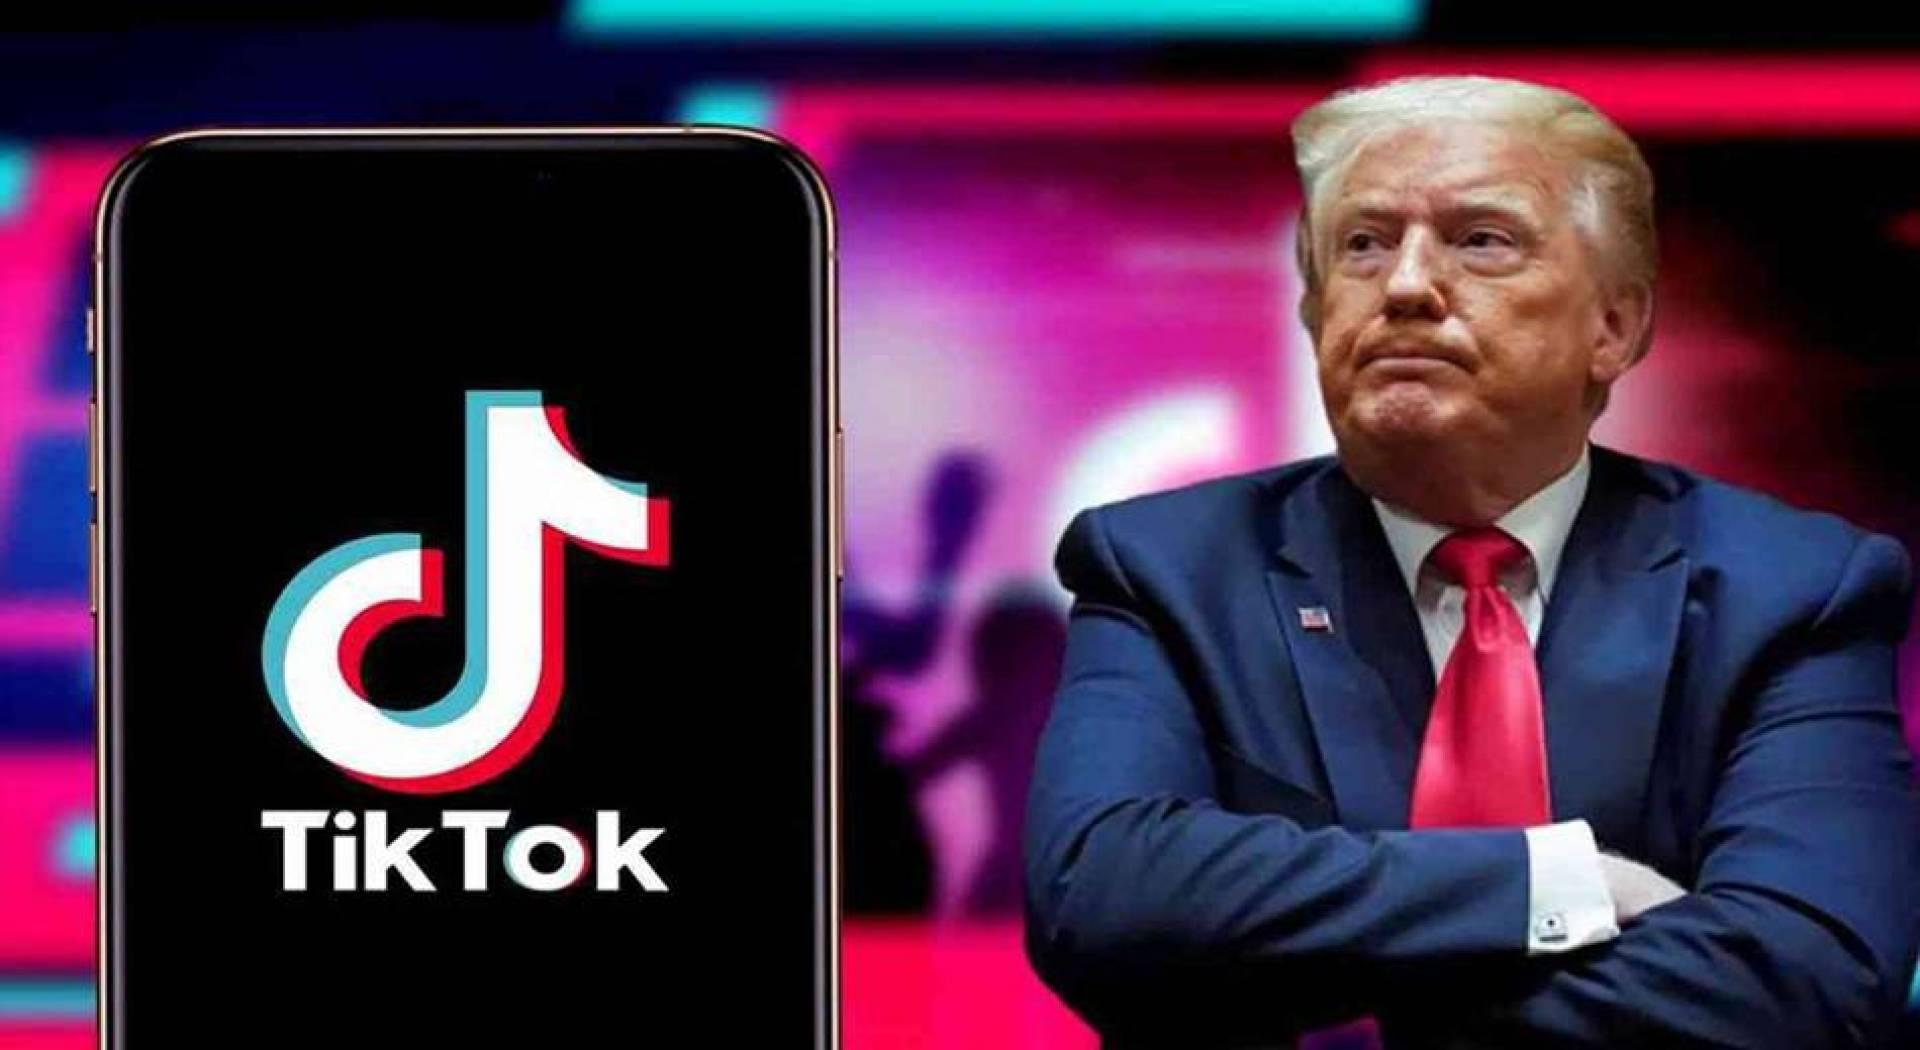 «تيك توك» يشكو إدارة ترامب.. سعياً لوقف حظره في أميركا